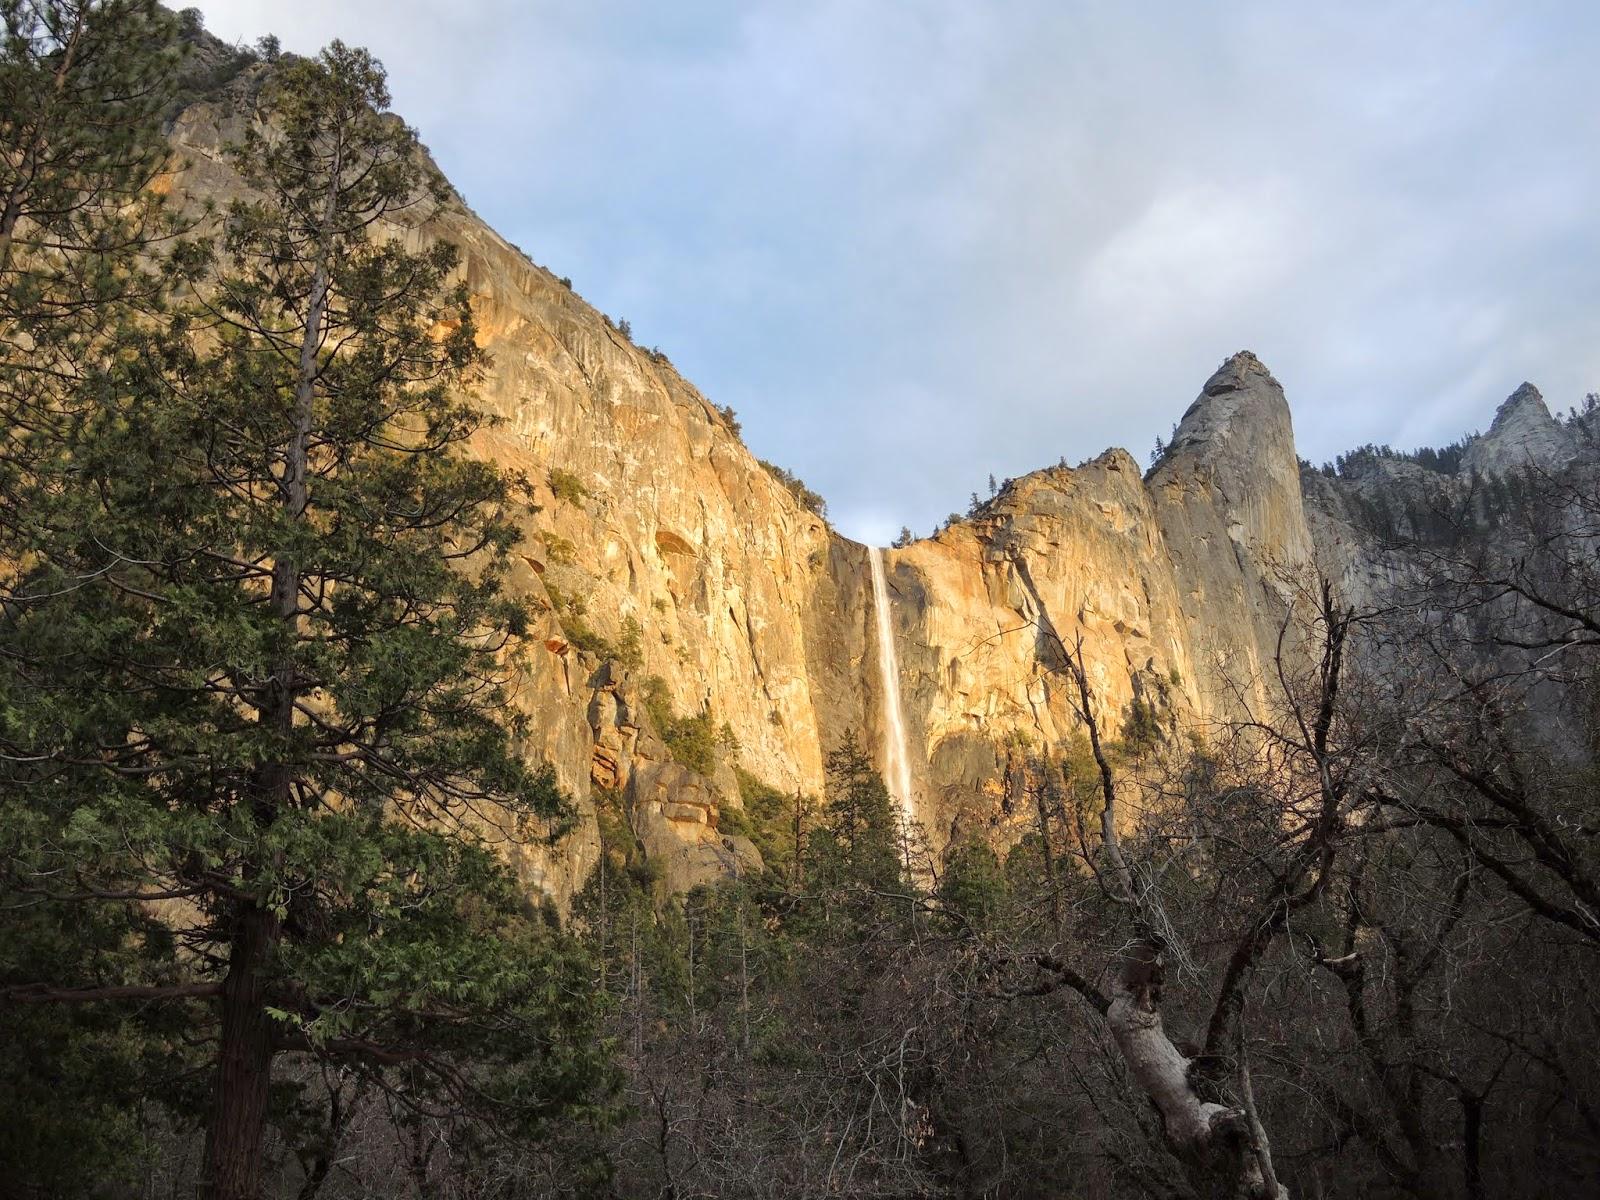 2014 Spring break 美國西岸自駕行程: Yosemite 優勝美地